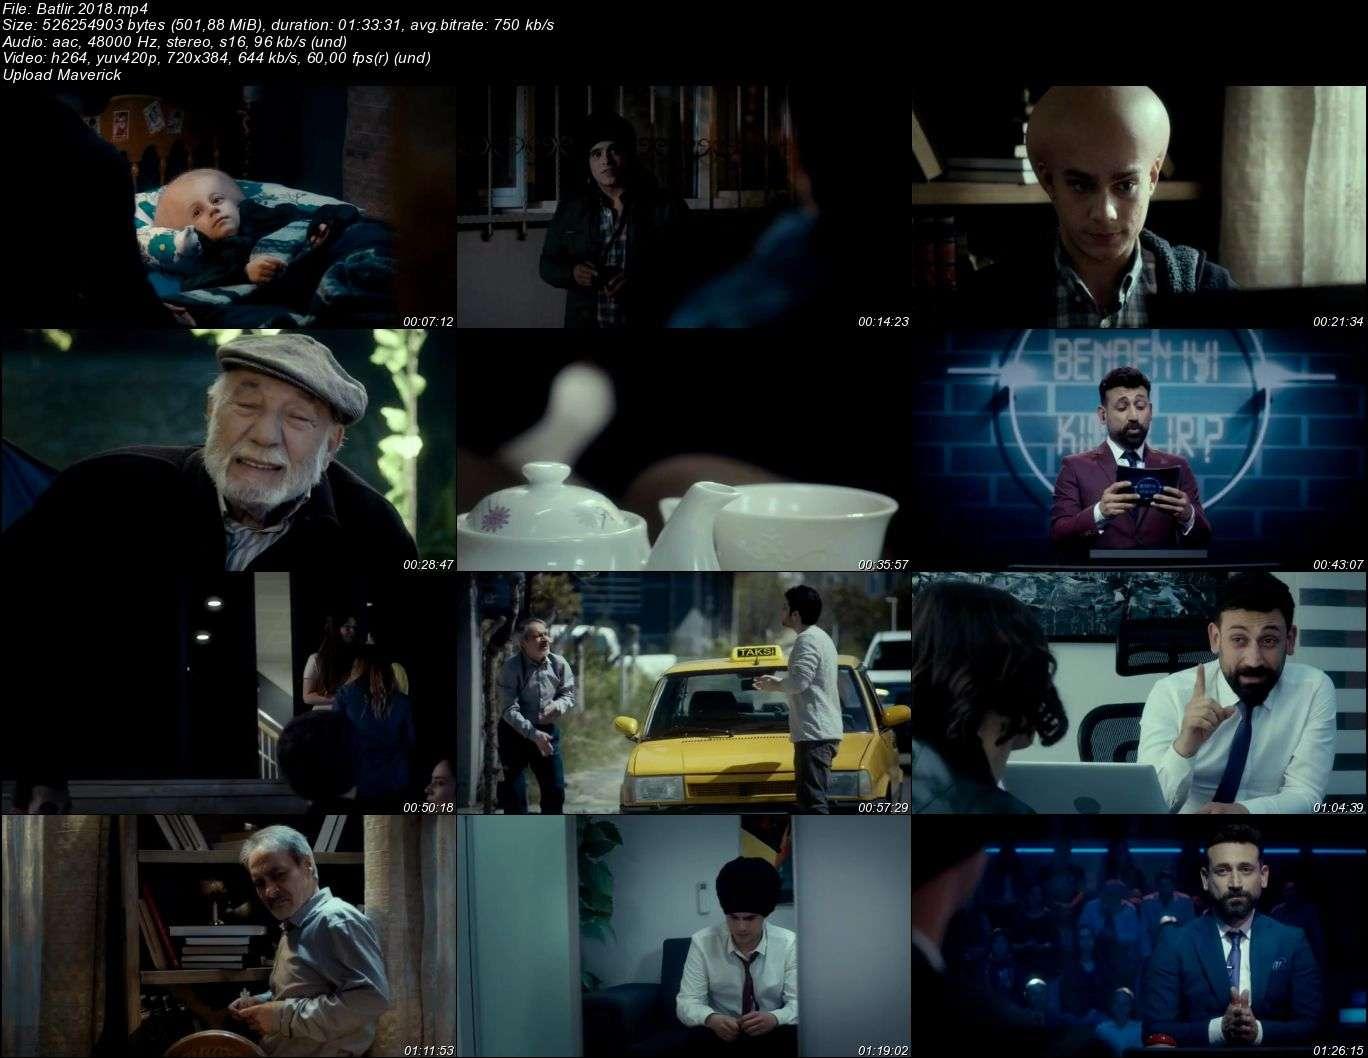 Batlir - 2018 (Yerli Film) Mp4 indir